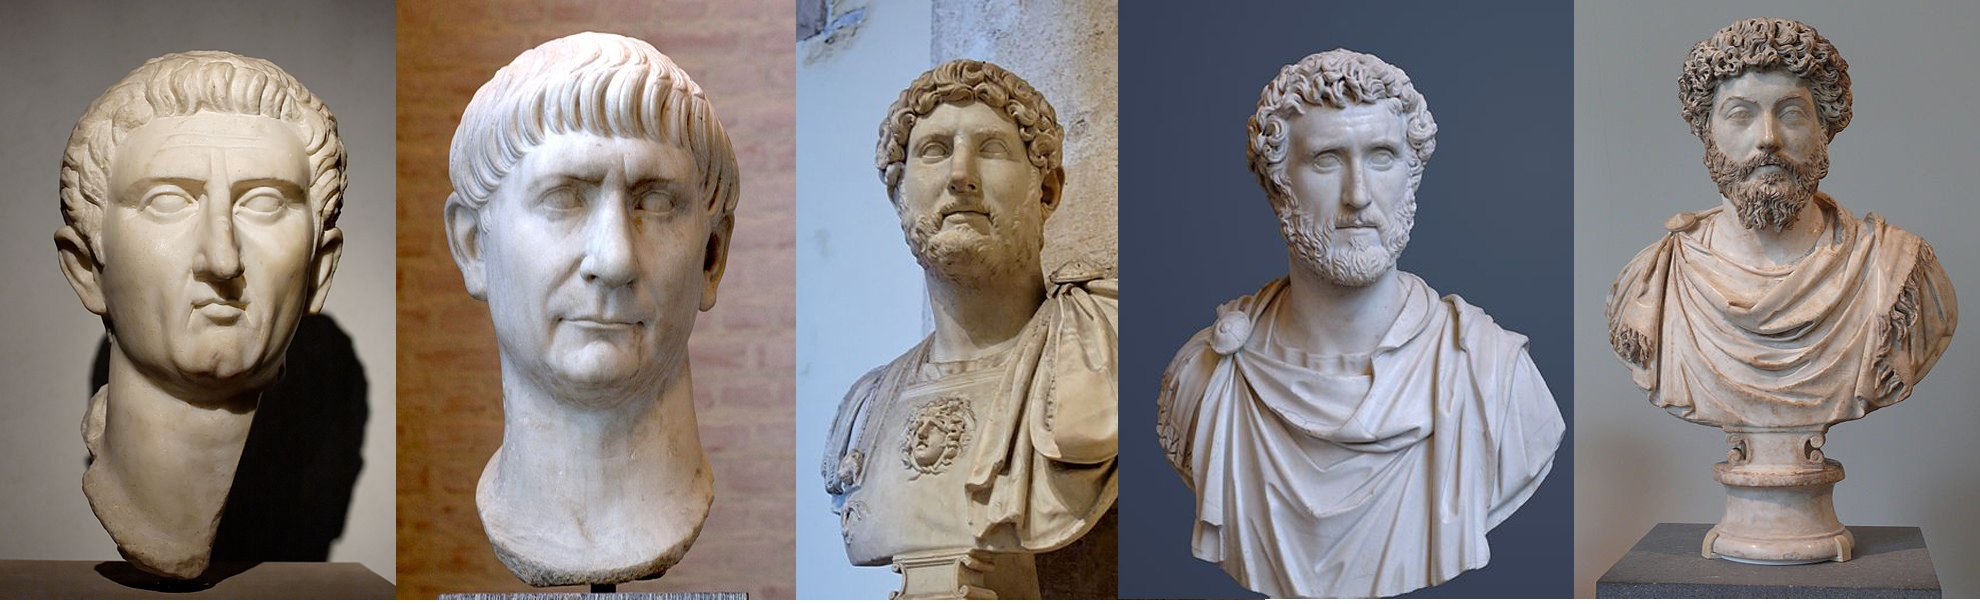 Римская империя: пять хороших императоров